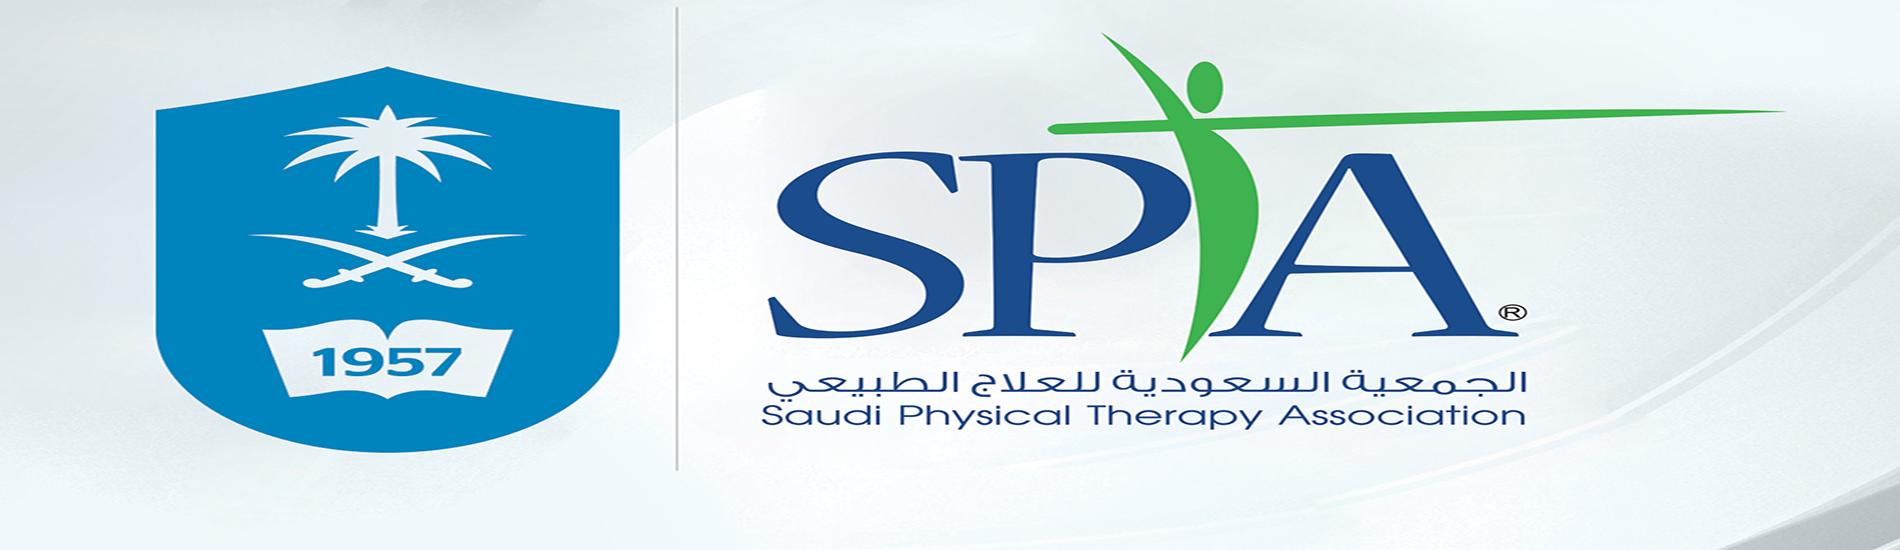 SPTA - Saudi Physical therapy association